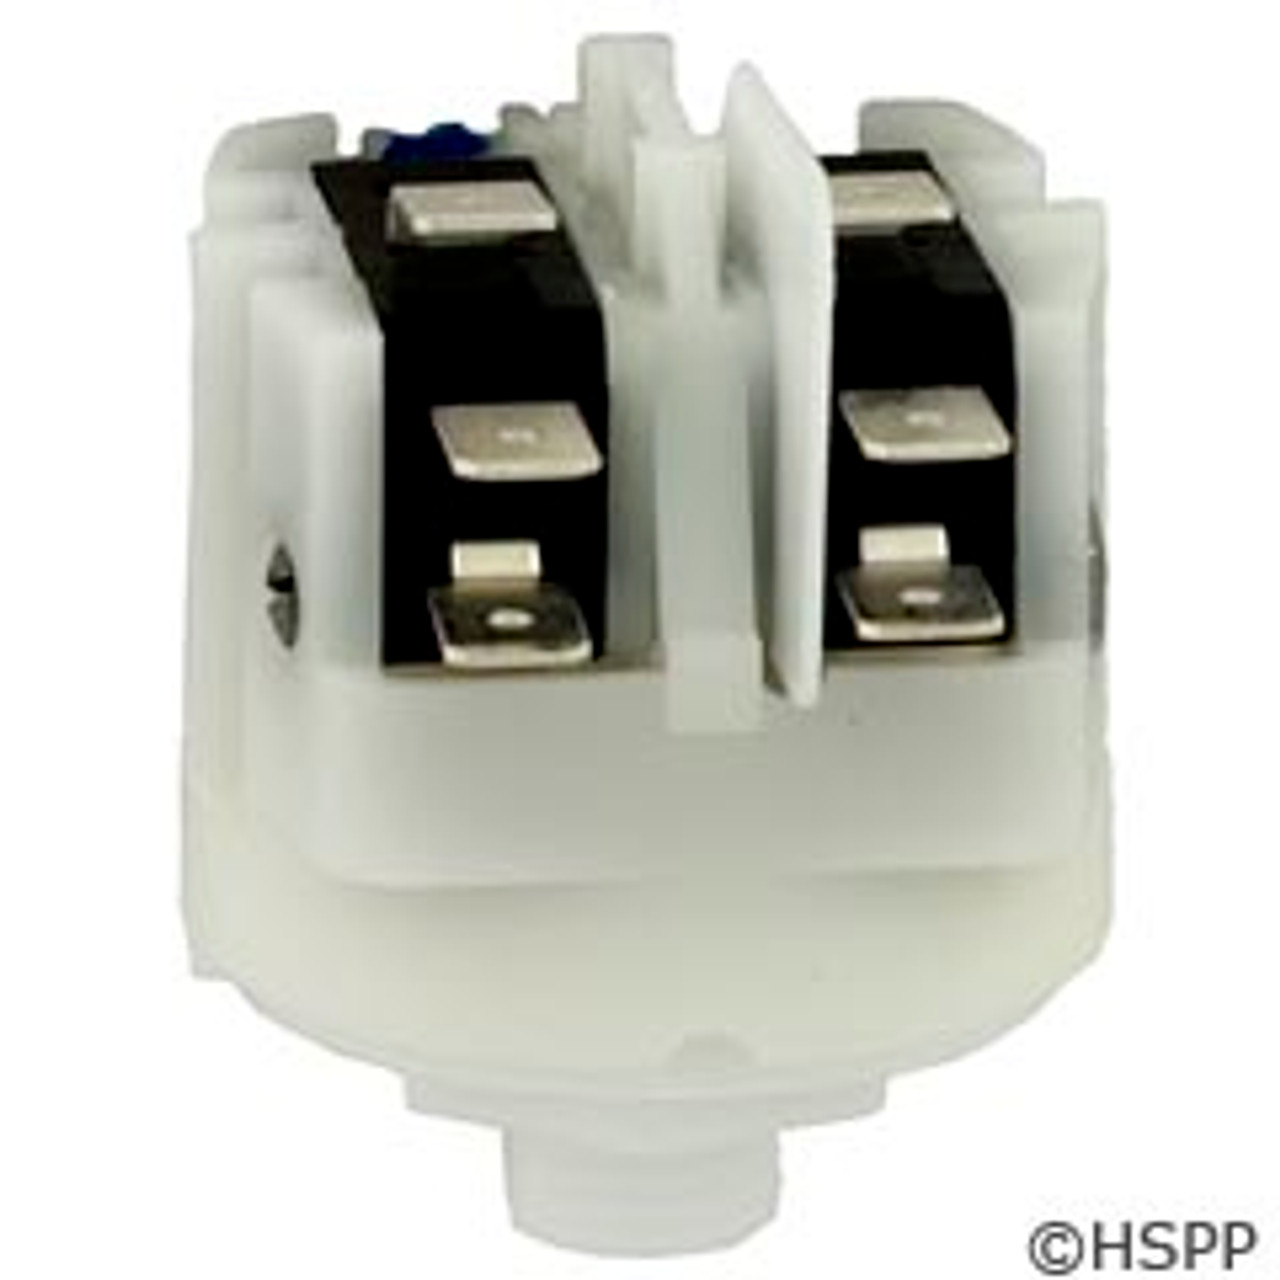 Power Supply Milennia Outdoor 10A 115V 230V Spa Stereo Spa-Power9